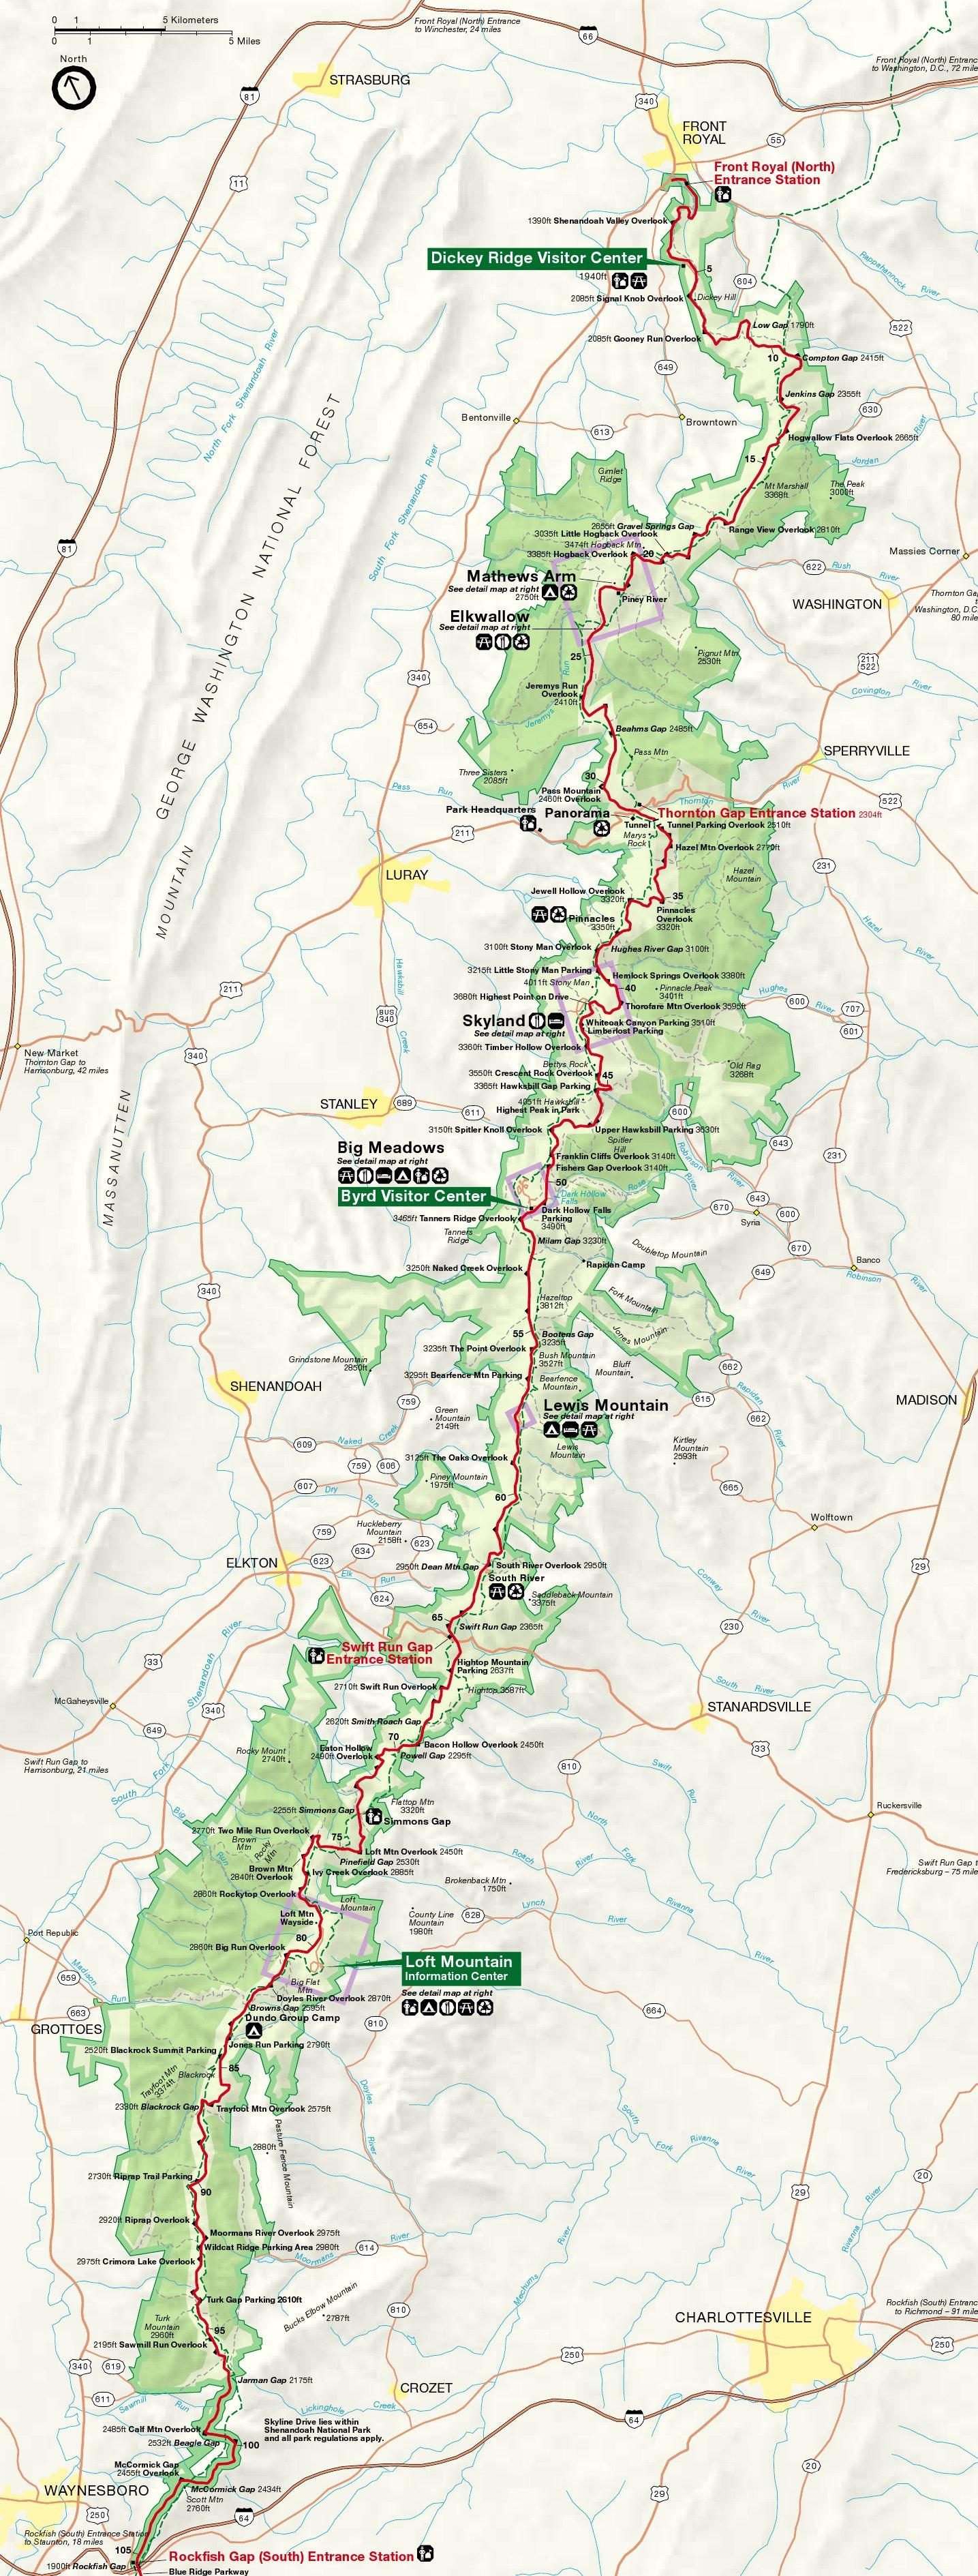 Map Of Shenandoah National Park Shenandoah Maps | NPMaps.  just free maps, period. Map Of Shenandoah National Park